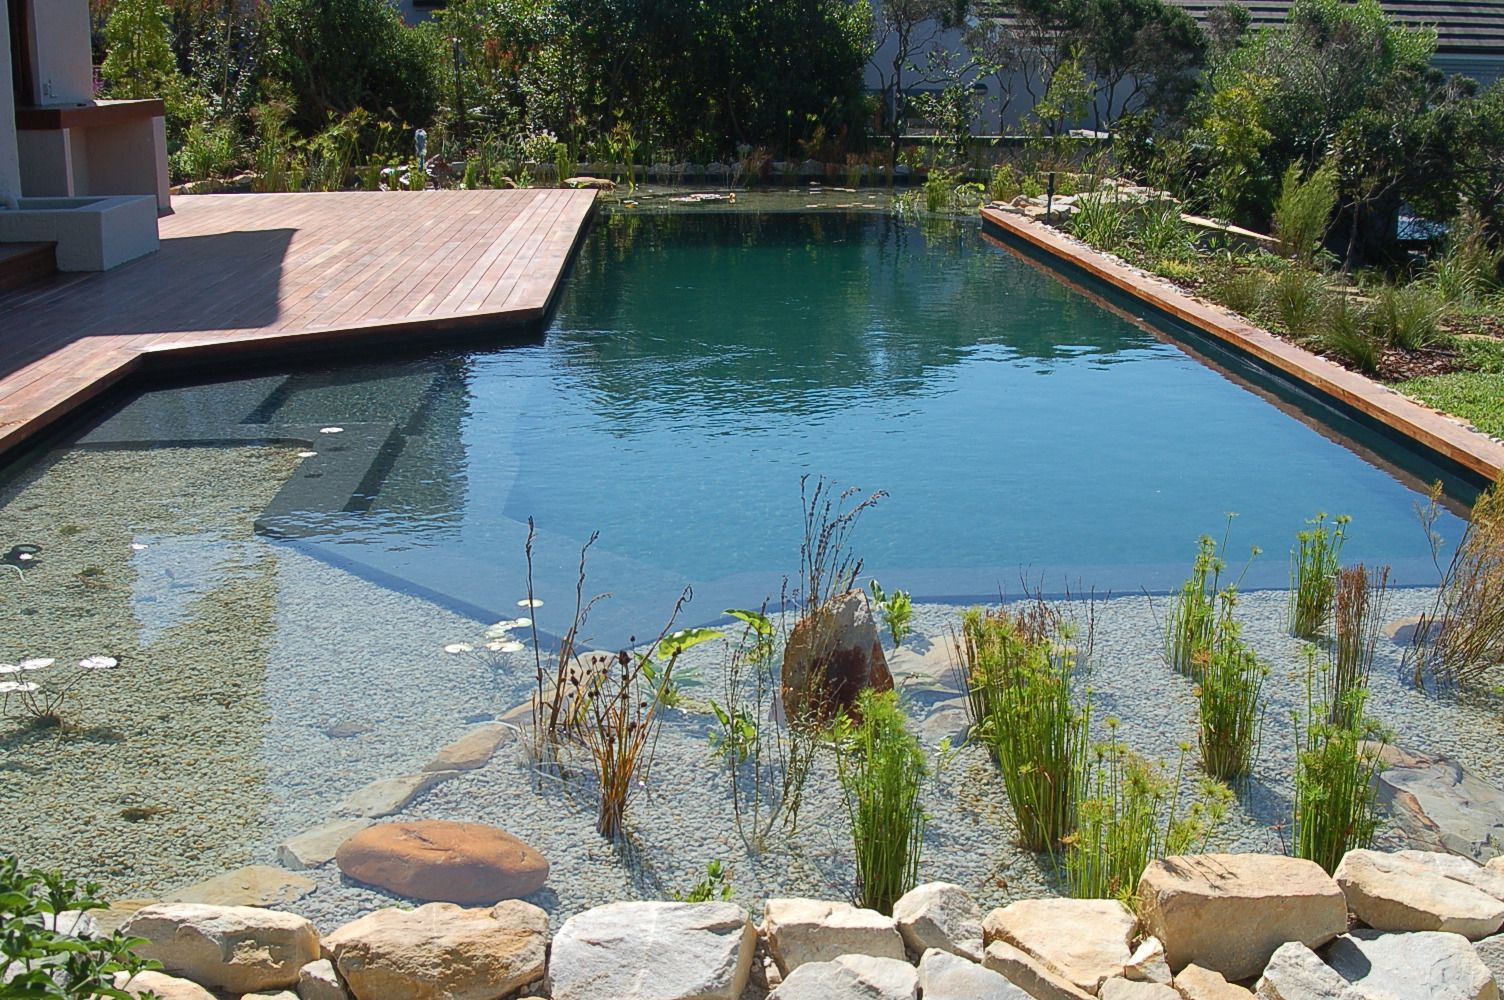 schwimmteich selber bauen 13 m rchenhafte gestaltungsideen hausbau pinterest schwimmteich. Black Bedroom Furniture Sets. Home Design Ideas